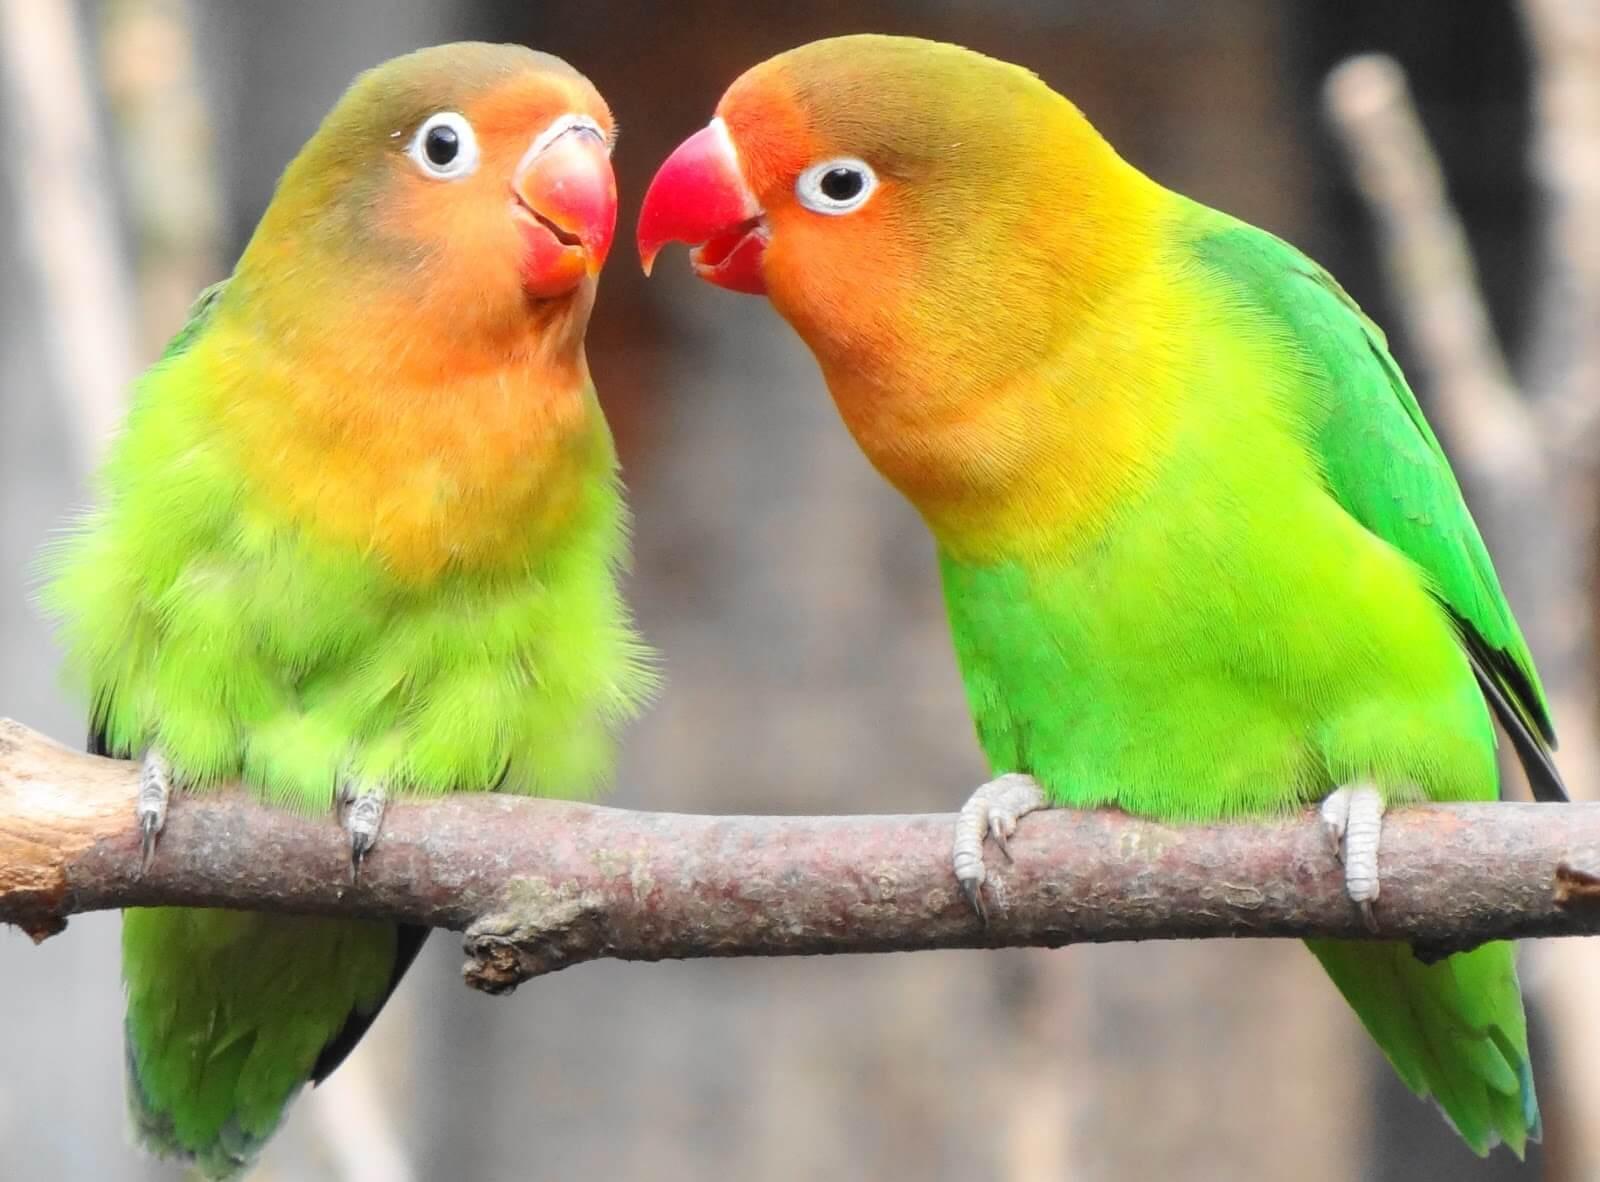 ciri fisik lovebird jantan dan betina